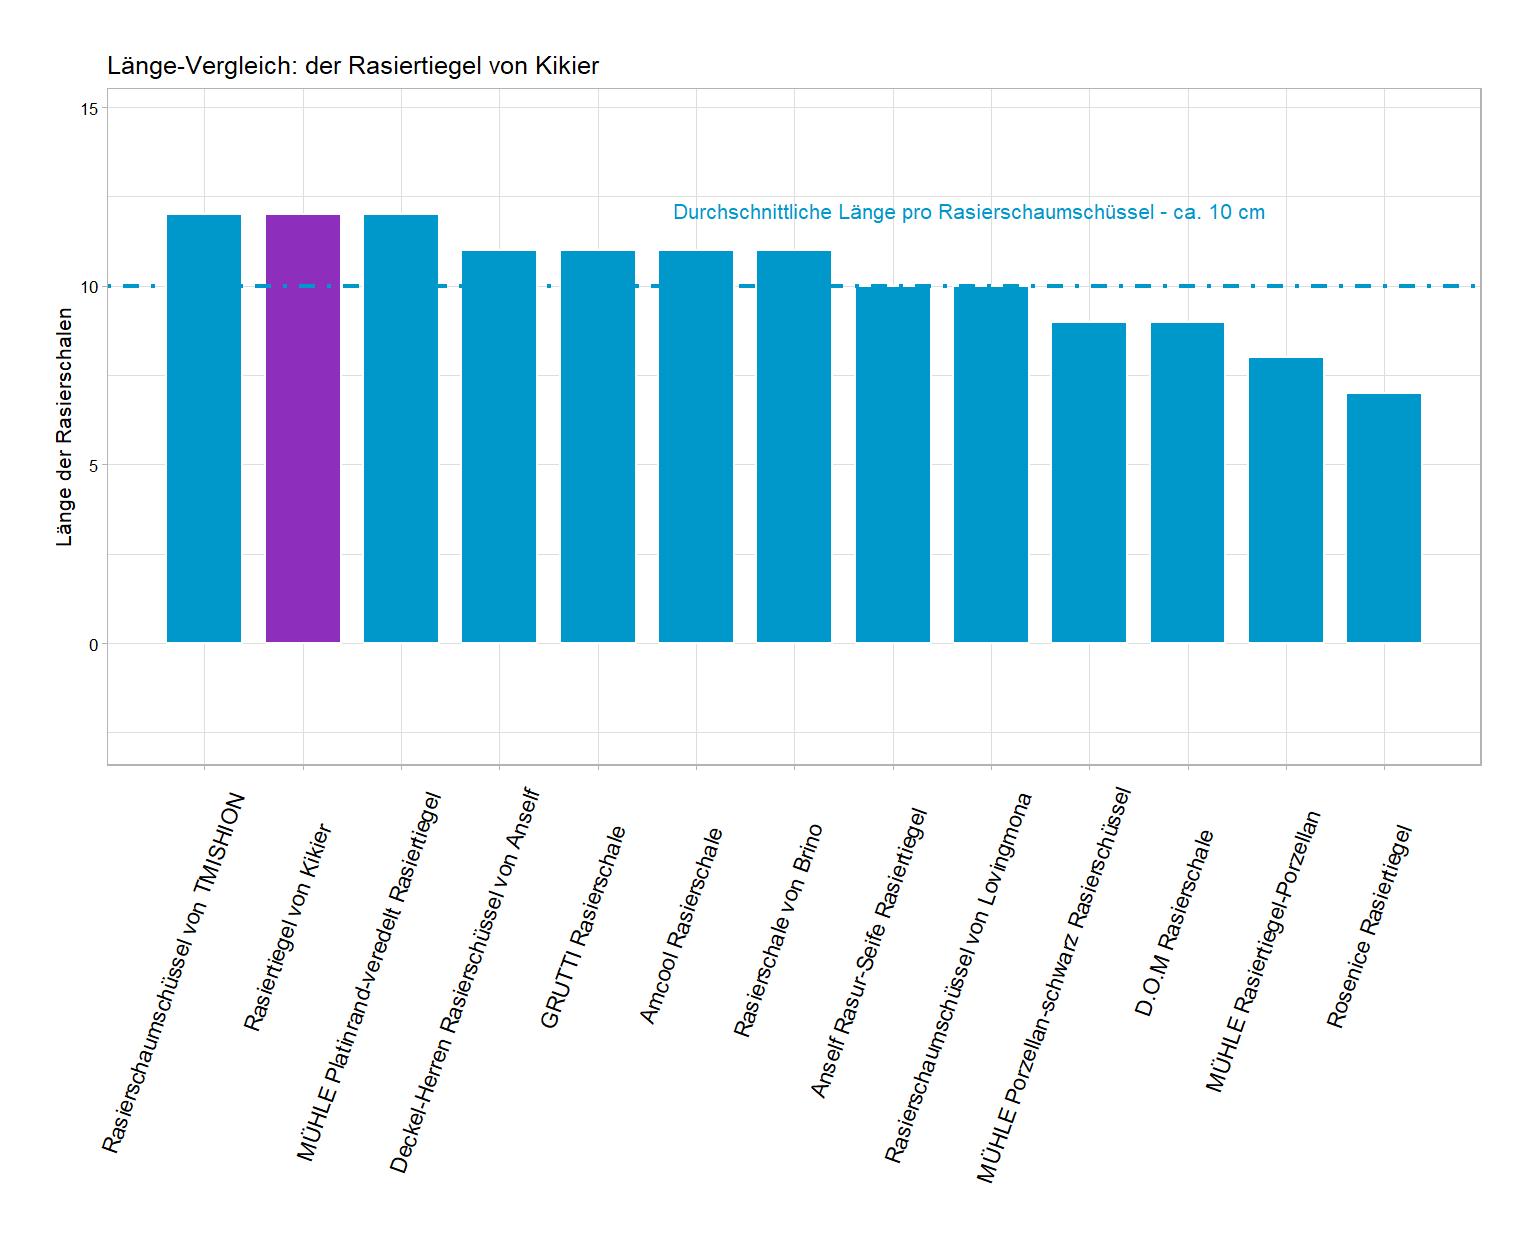 Länge-Vergleich von der Kikier Rasierschüssel